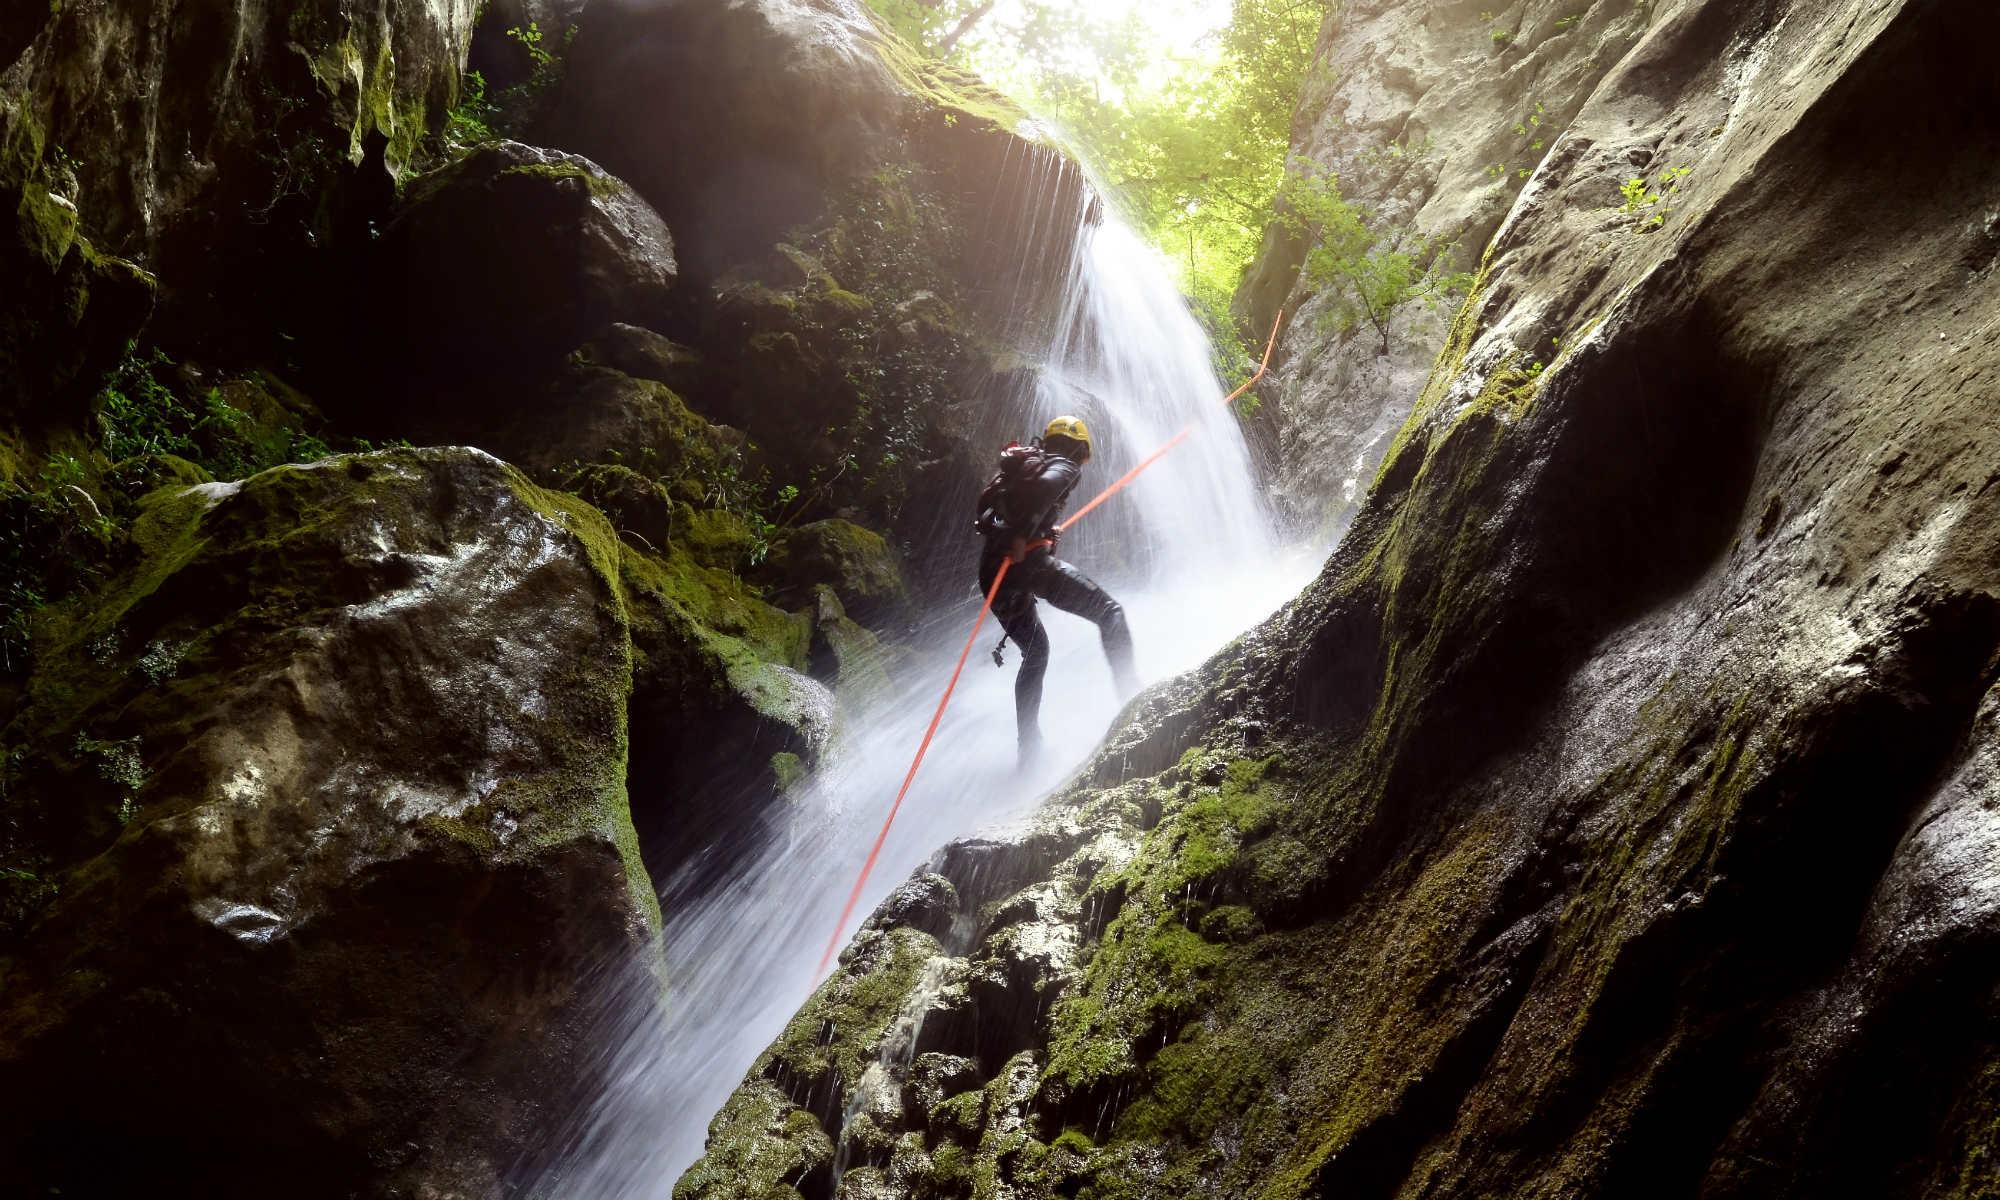 Un uomo si sta calando da una cascata durante un'escursione di canyoning.